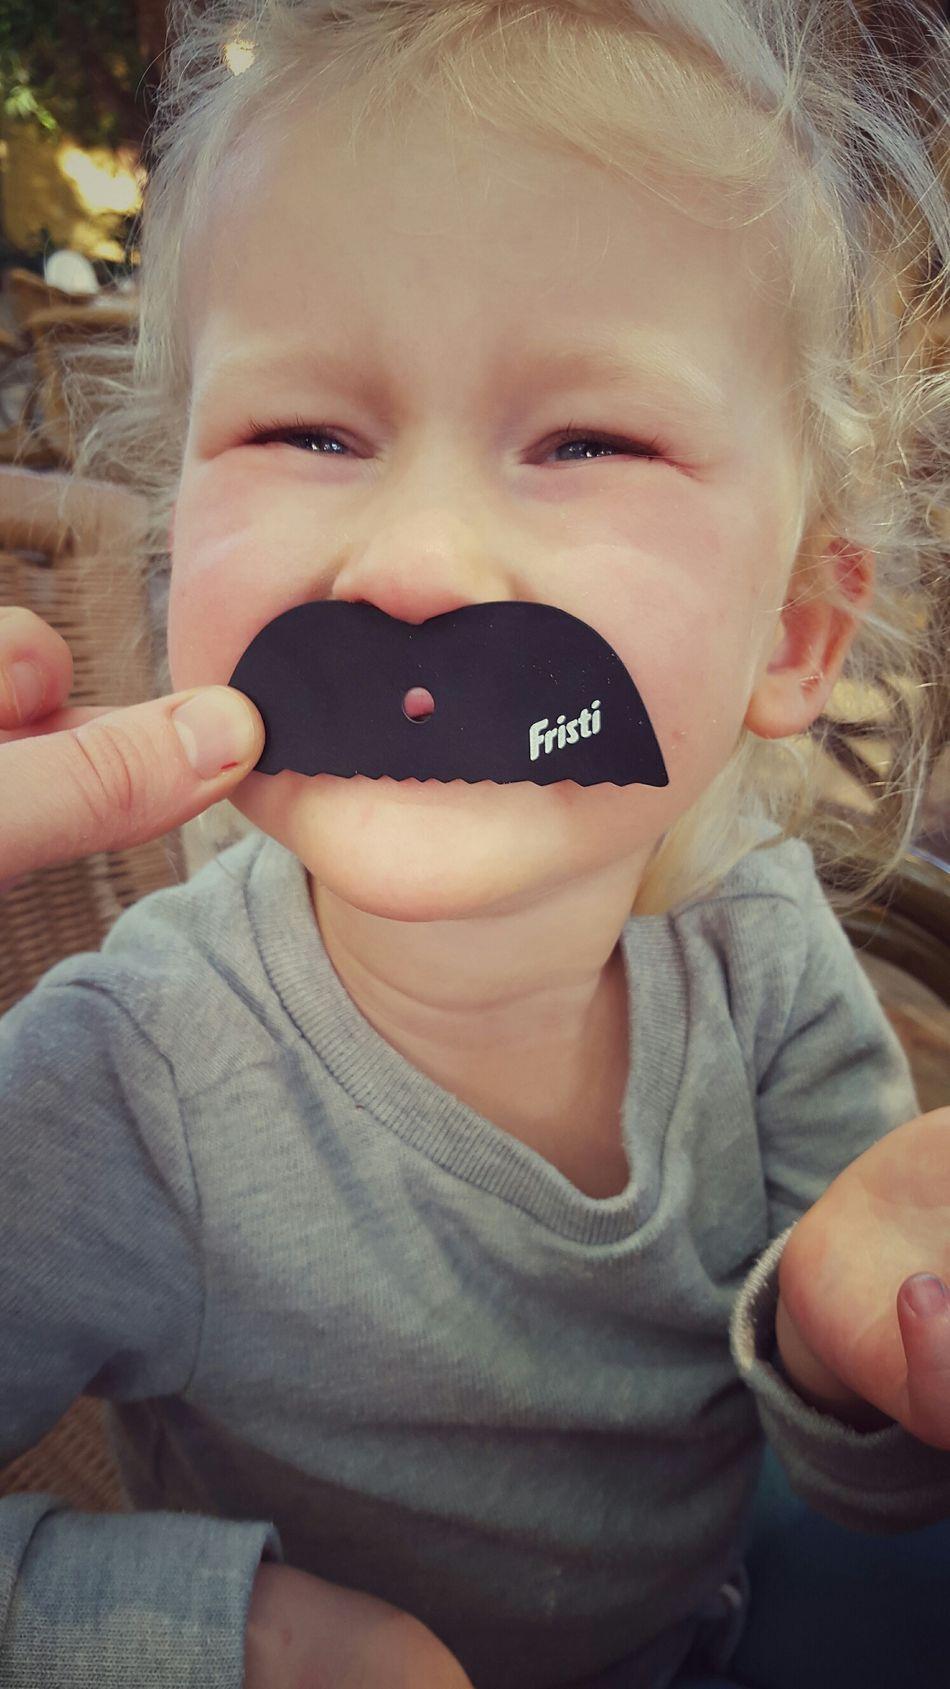 Einen Schnurrbart wachsen lassen